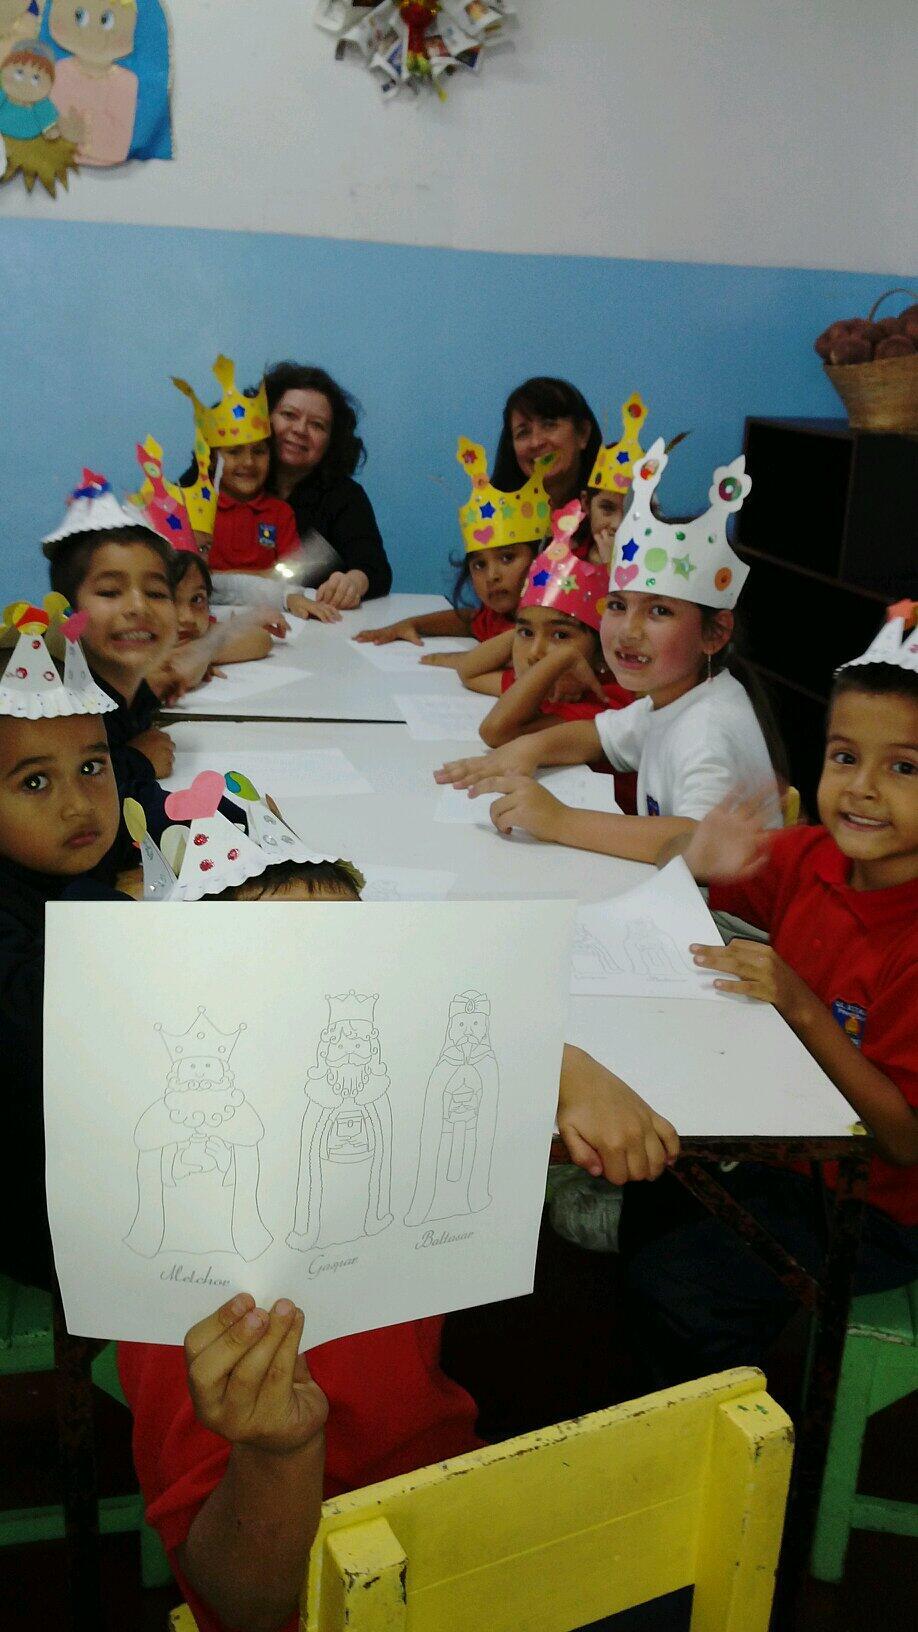 Los niños y niñas de la parroquial con dibujos alusivos a la tradición de los Reyes Magos #iniciodeclases2014  http://t.co/RbtlOVj4gr